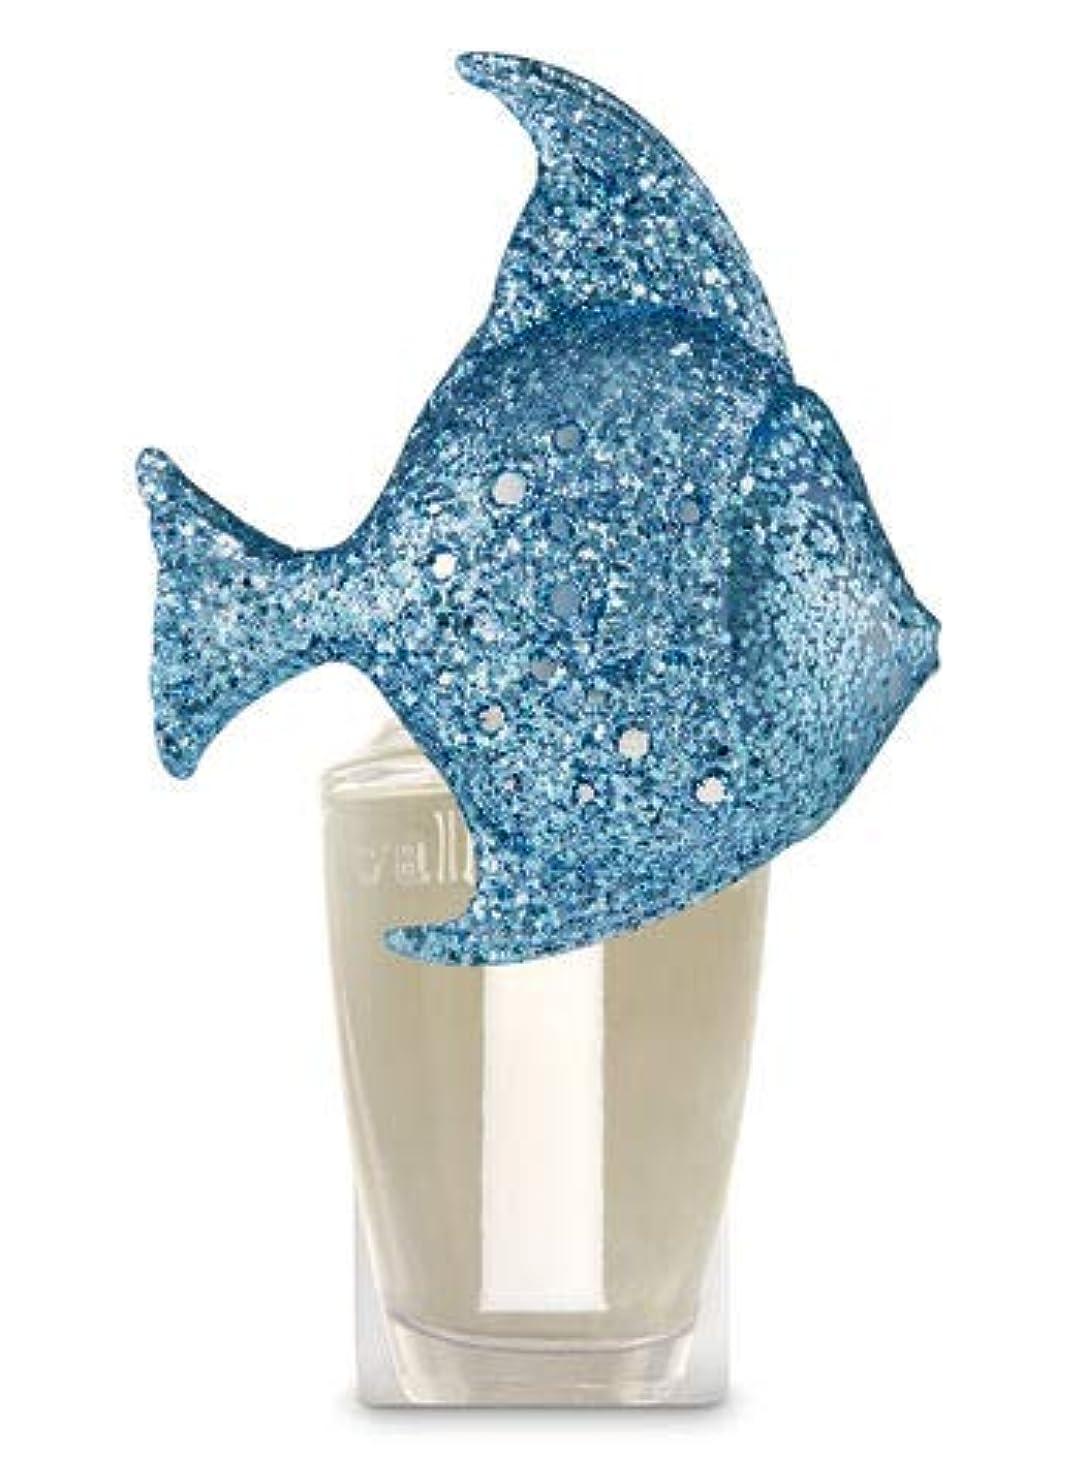 風味証明書木曜日【Bath&Body Works/バス&ボディワークス】 ルームフレグランス プラグインスターター (本体のみ) グリッターブルーフィッシュナイトライト Wallflowers Fragrance Plug Glitter...